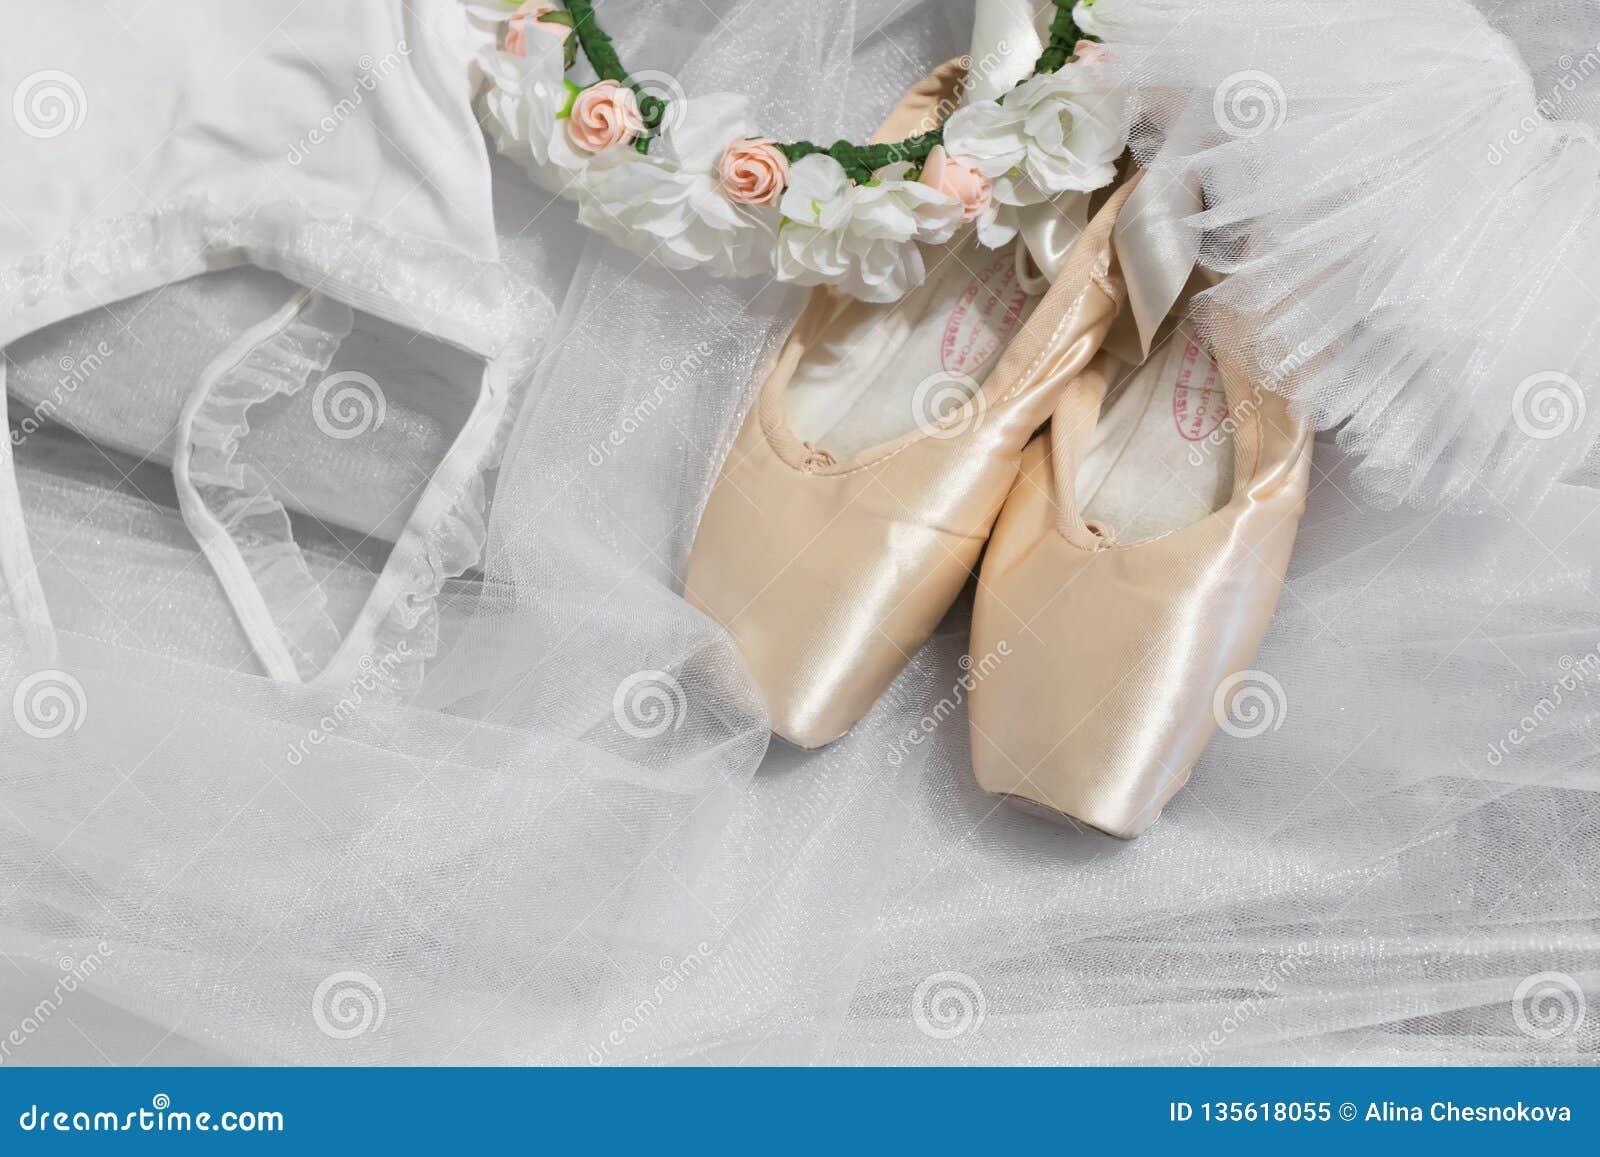 Ballettoebehoren Pointeschoenen, witte ballettutu, een kroon van bloemen